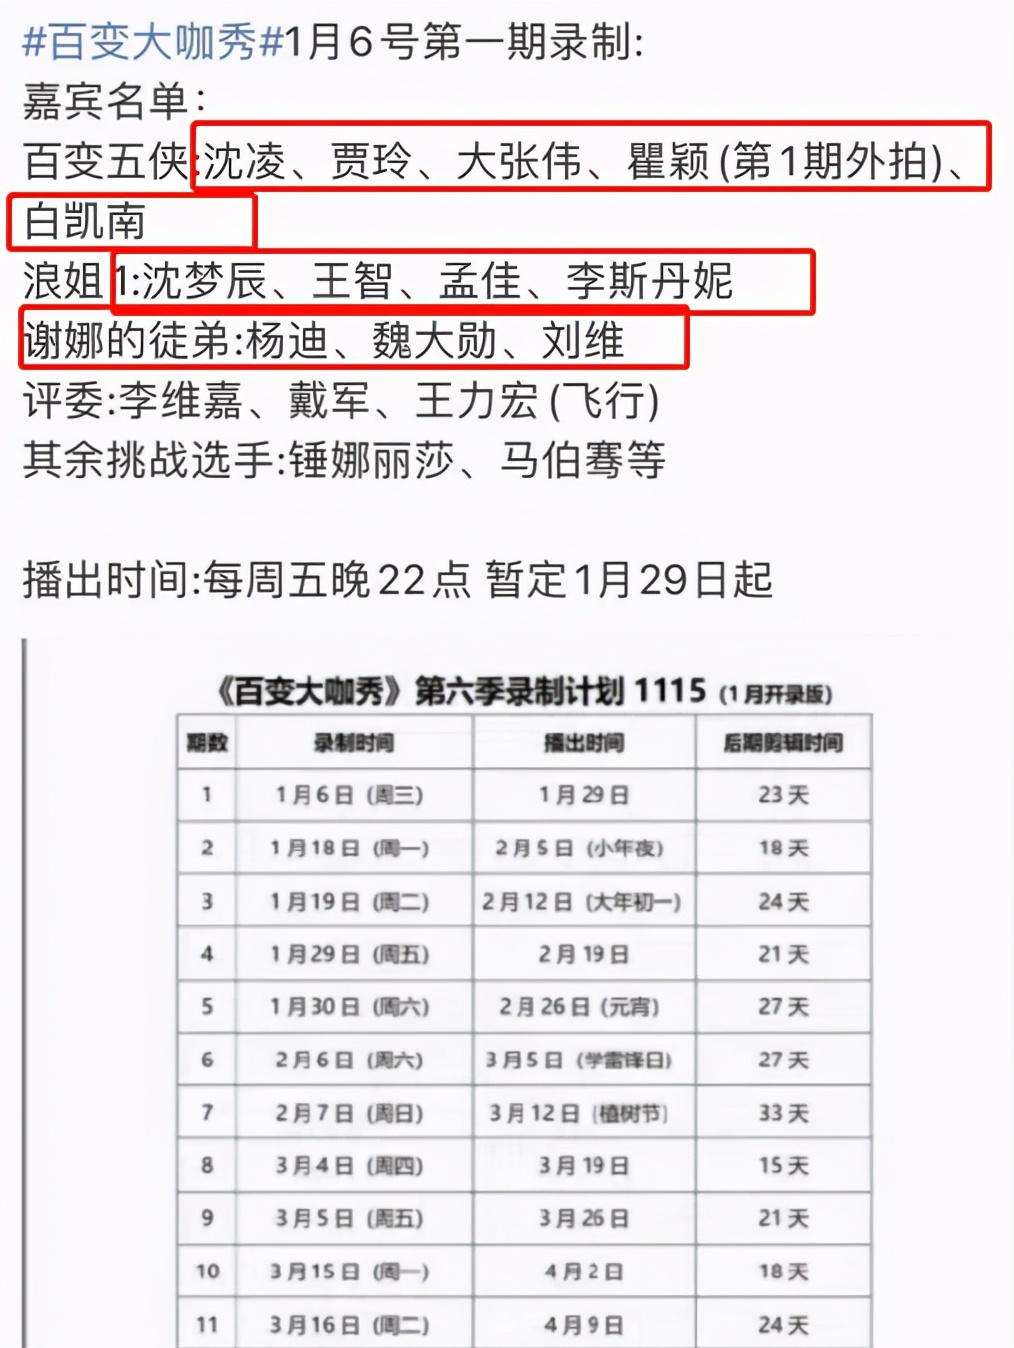 何炅谢娜暂别《百变大咖秀6》,贾玲与沈凌回归,五侠将独缺瞿颖